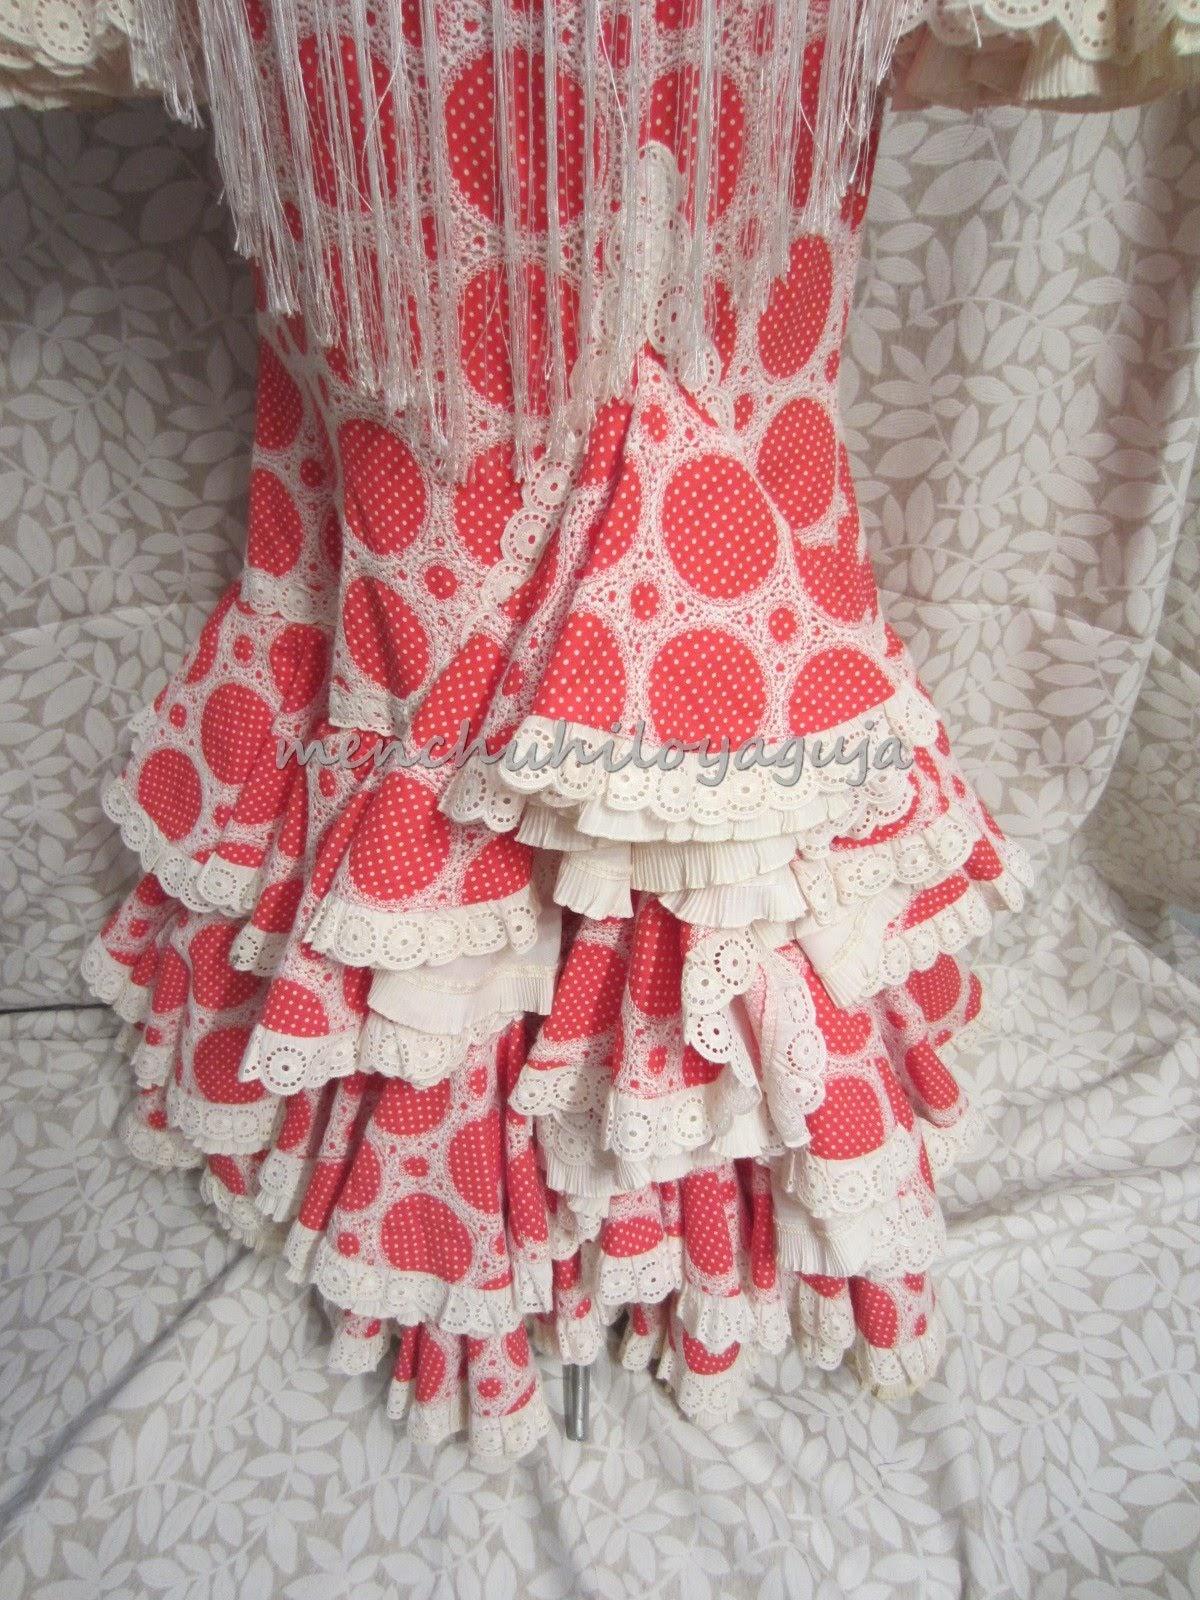 e03dfa7a77 El vestido constaba de 3 volantes de capa adornados con tiras bordadas y  debajo un volante de can can con una tira plisada.